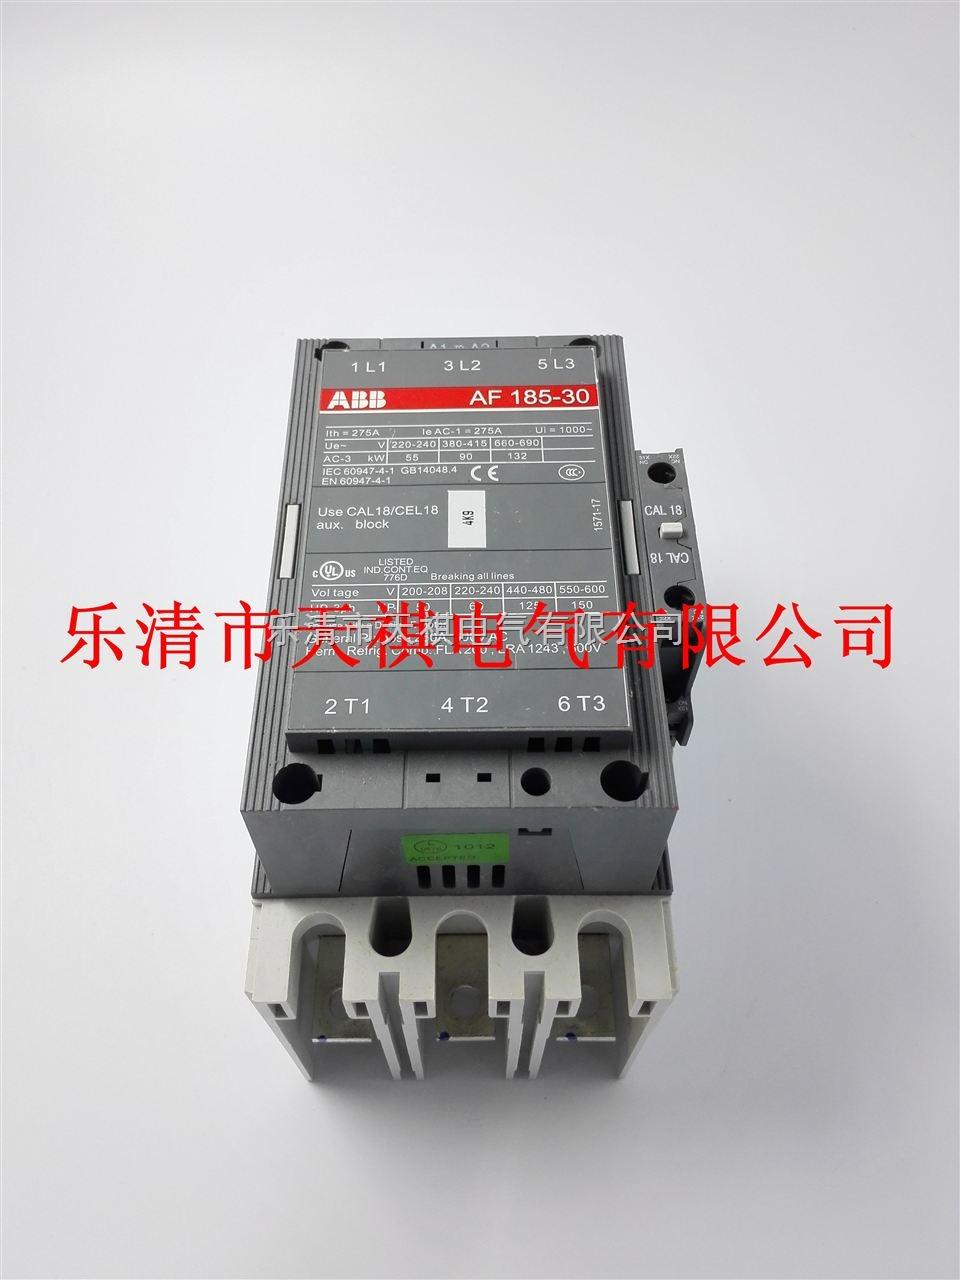 af110-30-11 提供《abb直流接触器》af110-30-11